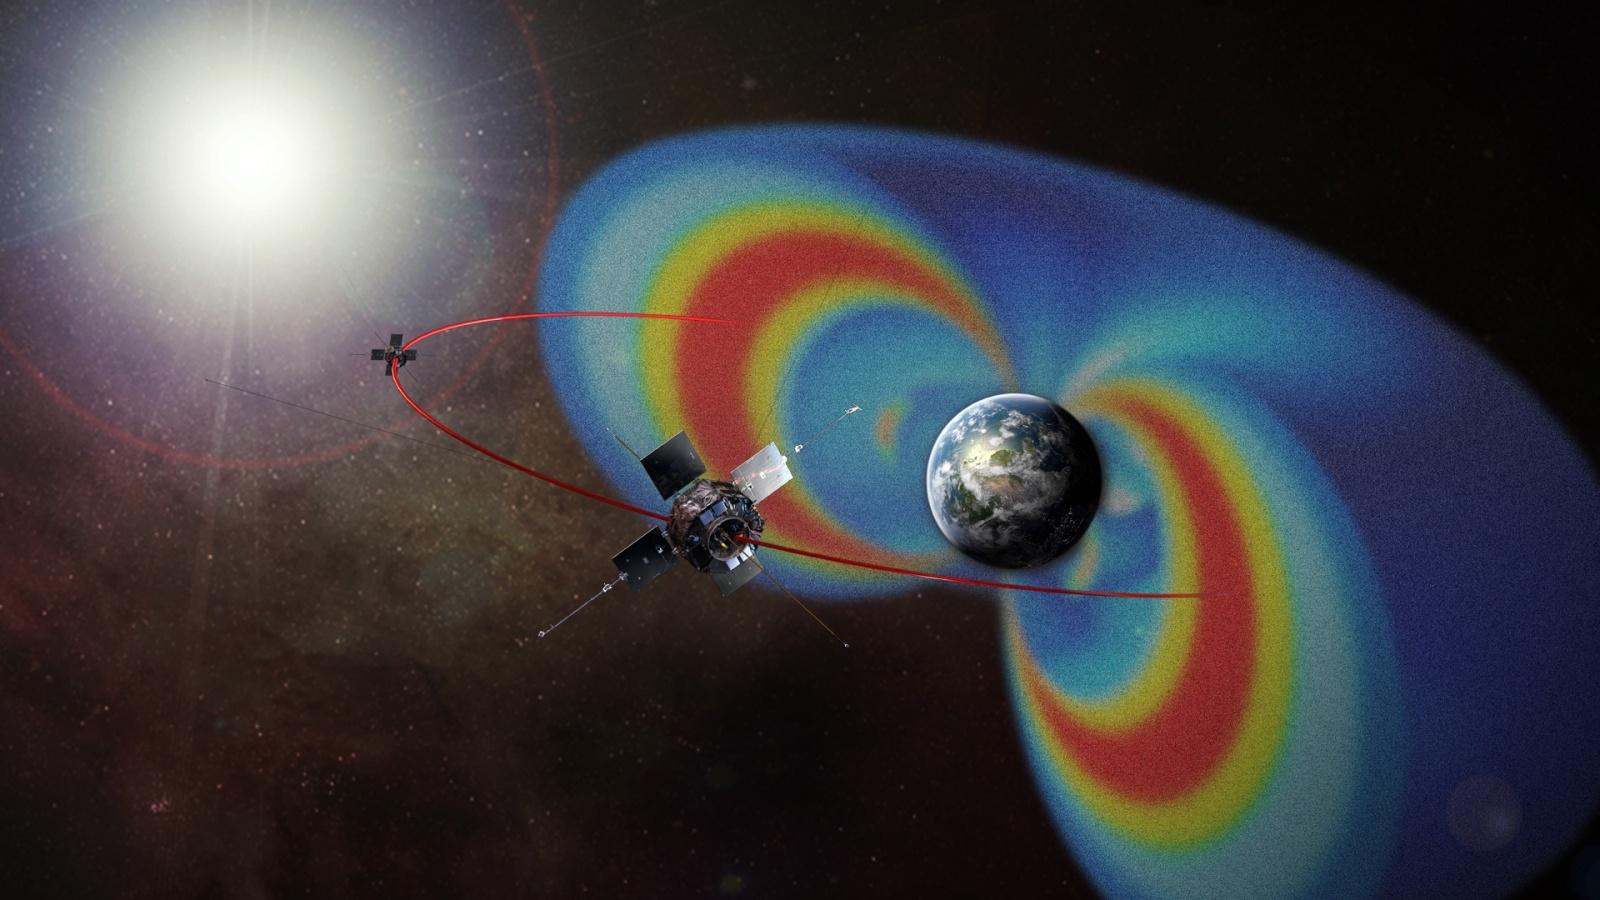 НАСА: люди создали вокруг Земли радиококон из сверхдлинных волн, защищающий от космической радиации - 2